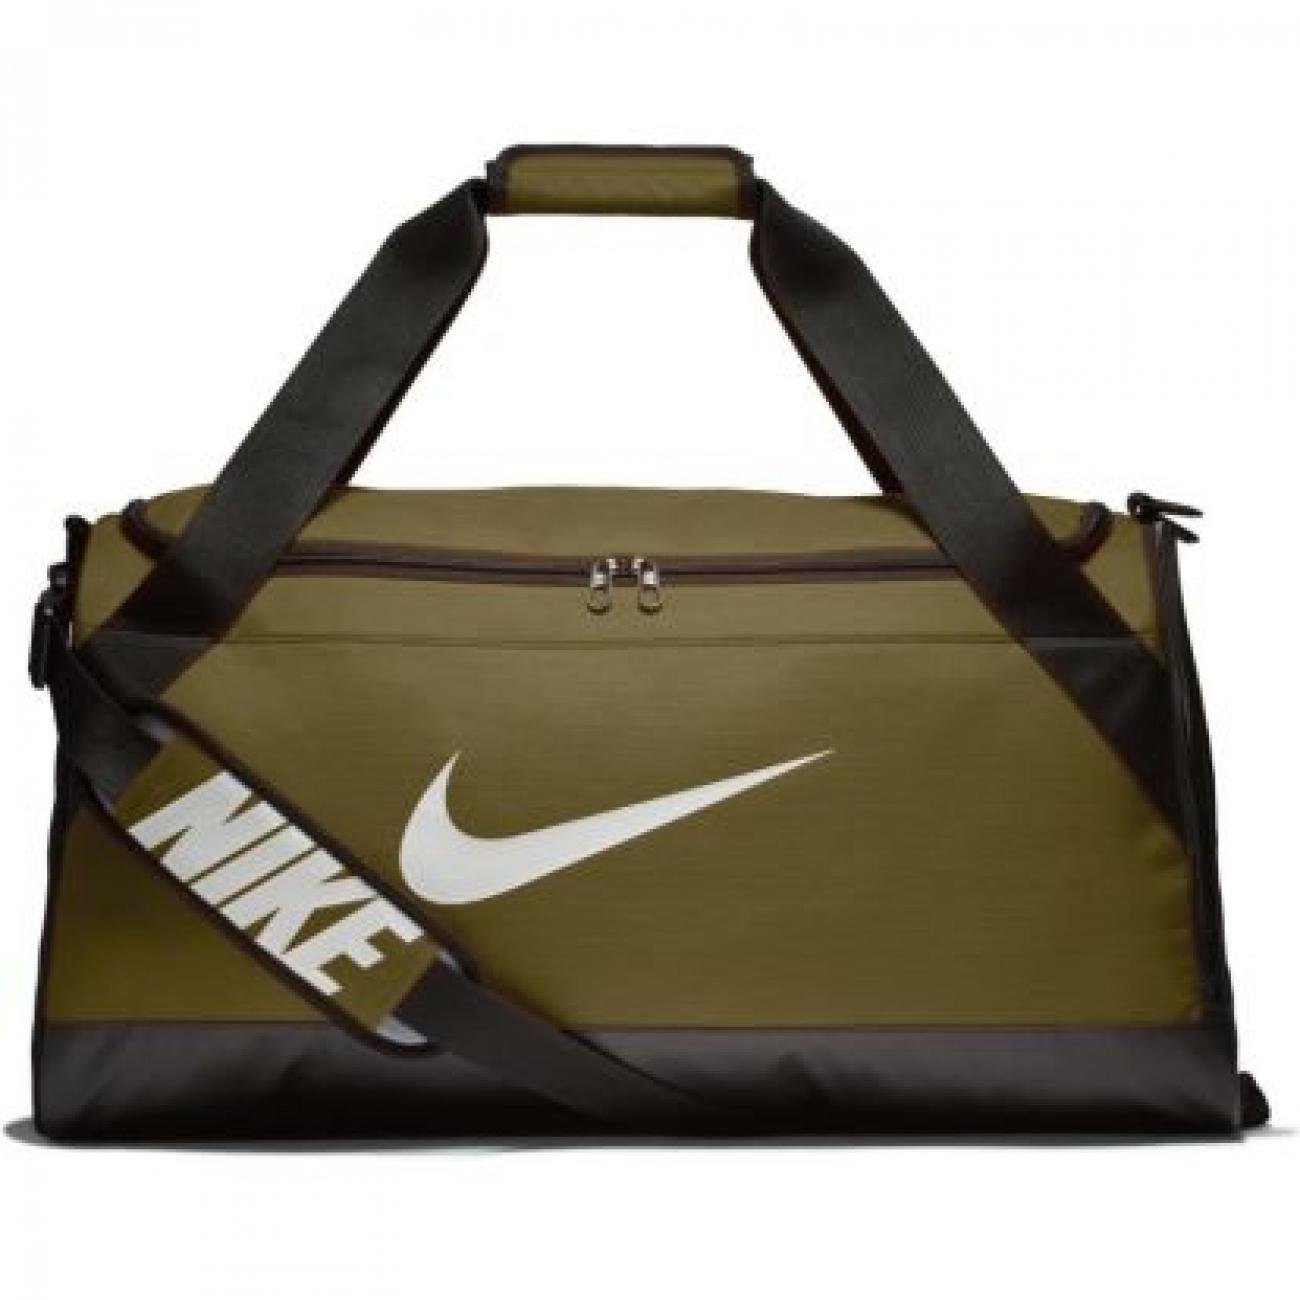 Nike Brasilia m dufflebag